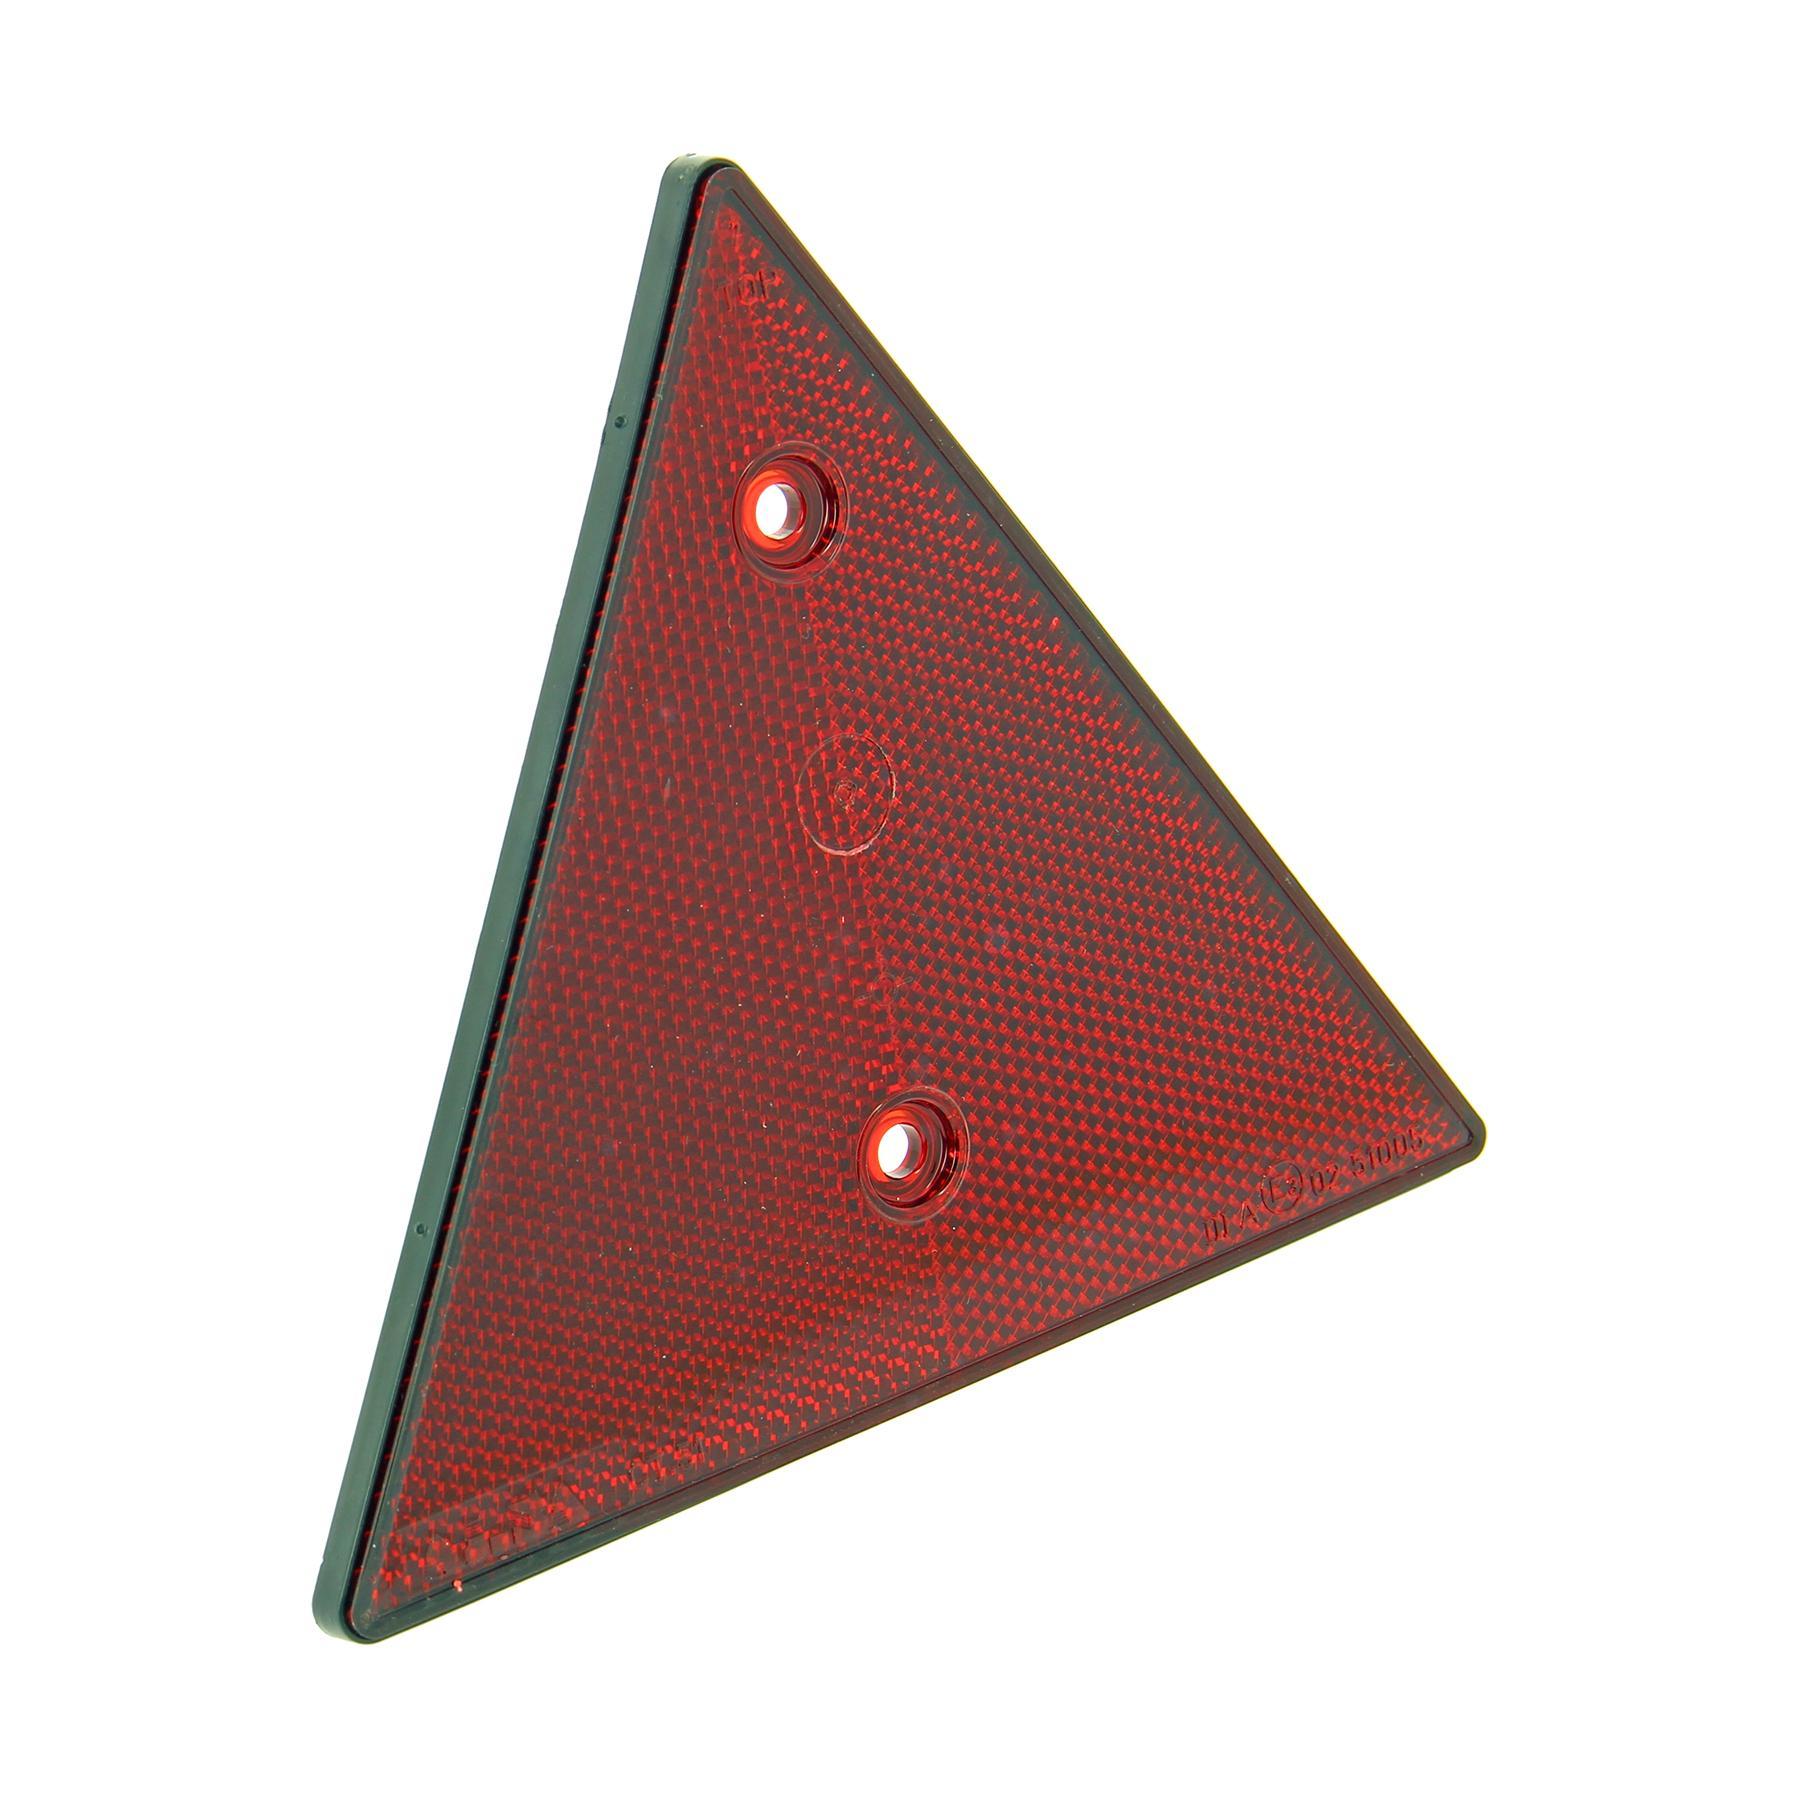 XL Żwiatło odblaskowe tylne 553916 HARLEY-DAVIDSON